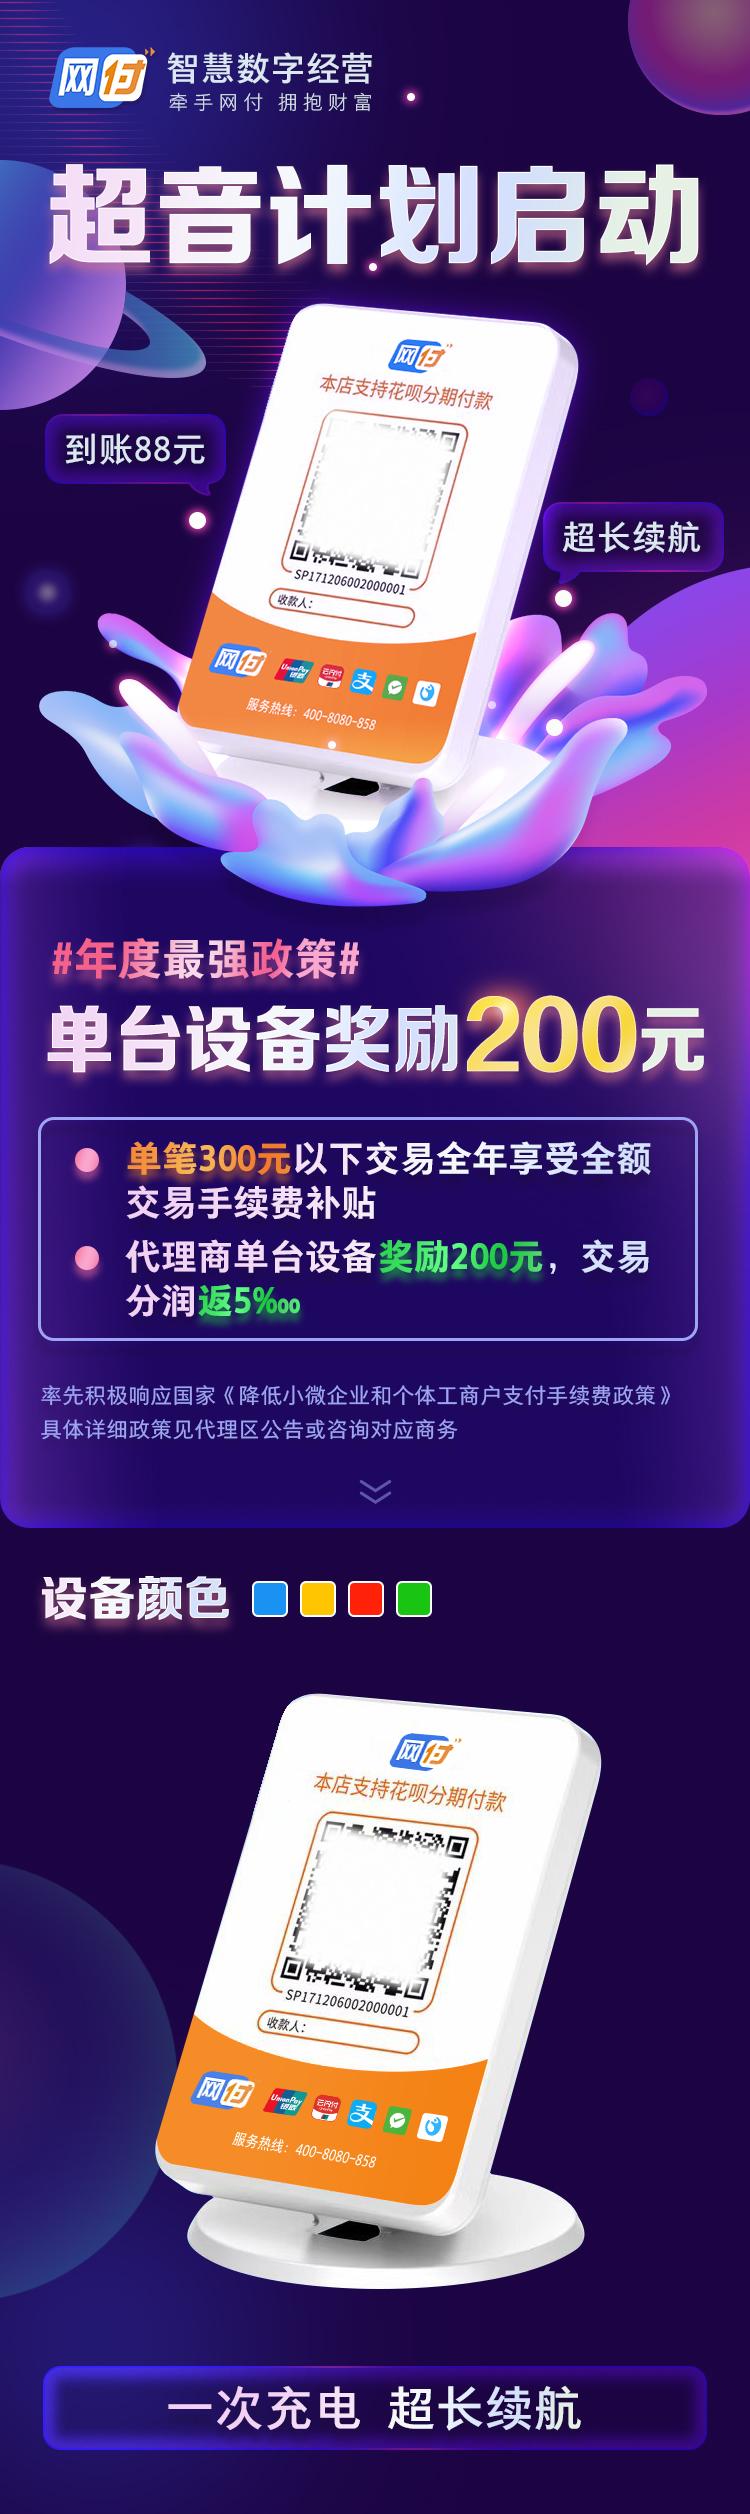 """聚合支付收官之战:网付于国庆启动""""超音计划""""横扫收款码市场"""